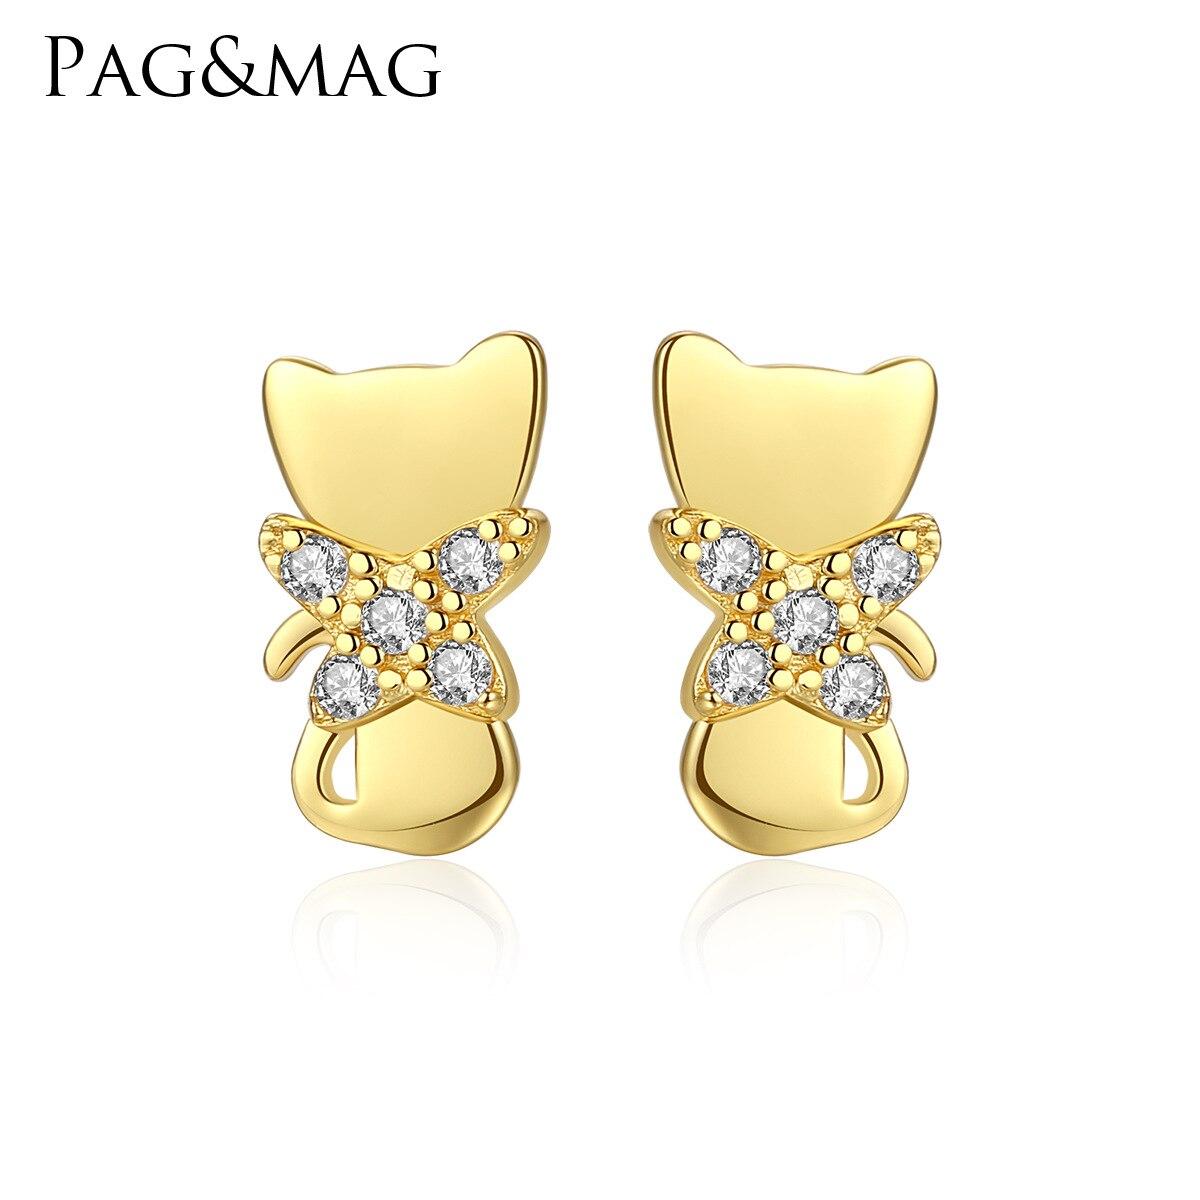 PAG & MAG S925 plaqué argent K or incrusté de zirconium Mini boucles d'oreilles japonaises et coréennes